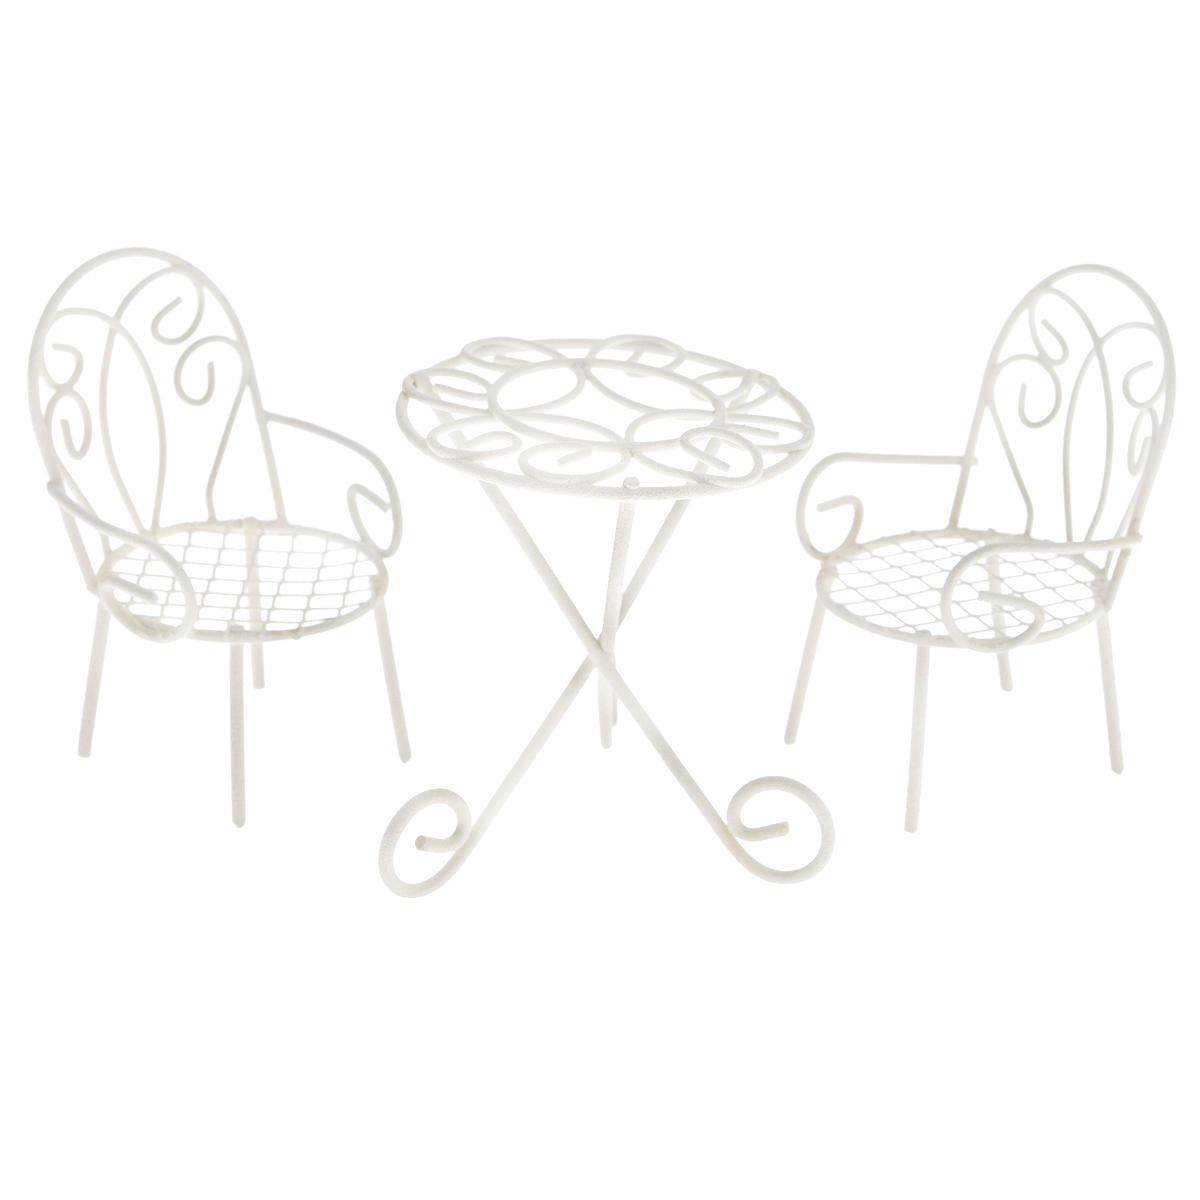 Набор фигурок для мини-сада Bloom`its Садовая мебель, 3 предмета мини тренажеры для дома купить